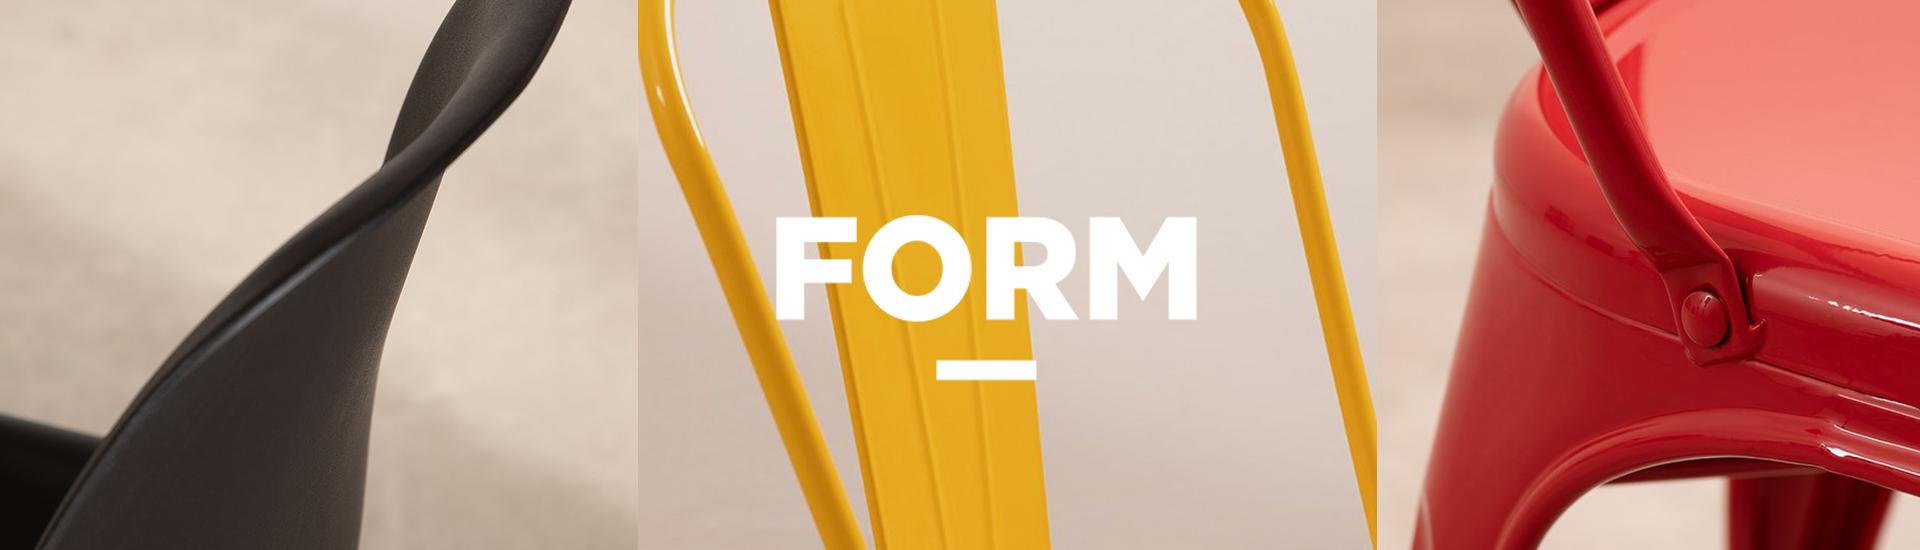 FORM DESIGN muebles diseño tendencia decoración